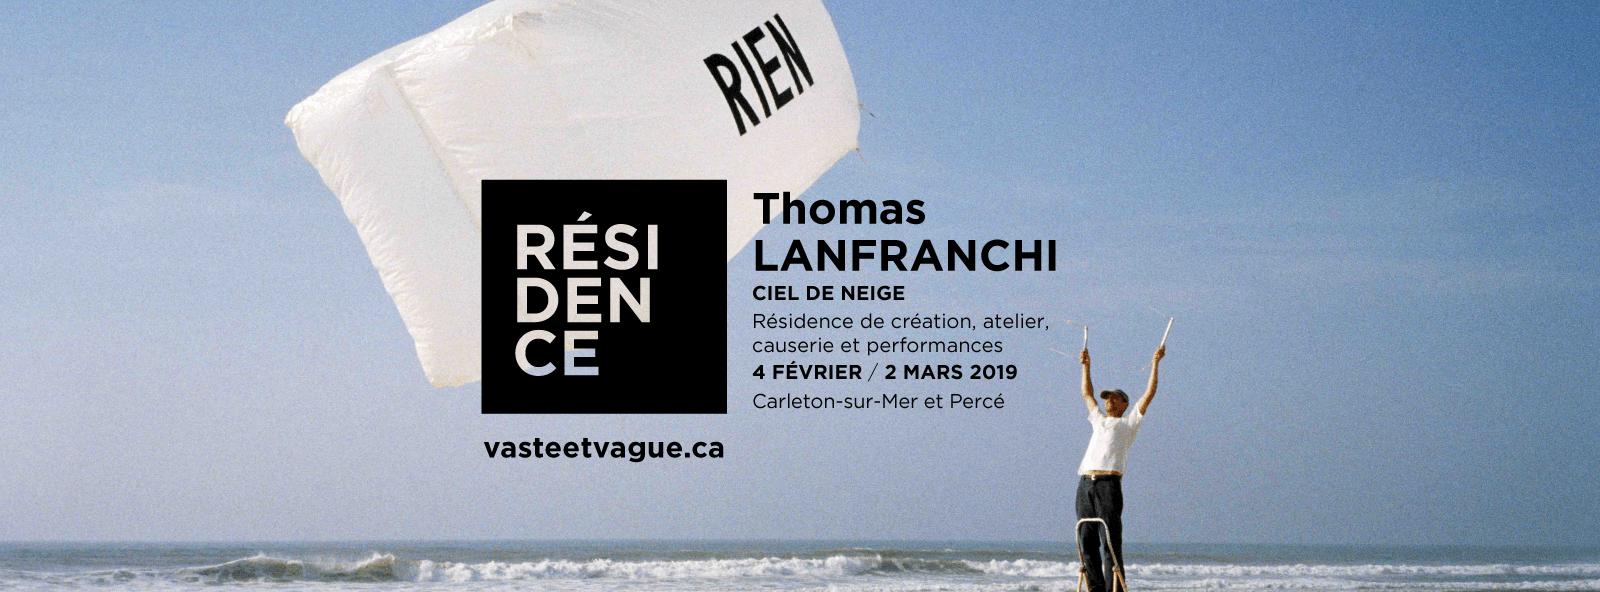 CIEL DE NEIGE | Thomas LANFRANCHI | Carleton-sur-Mer et Percé